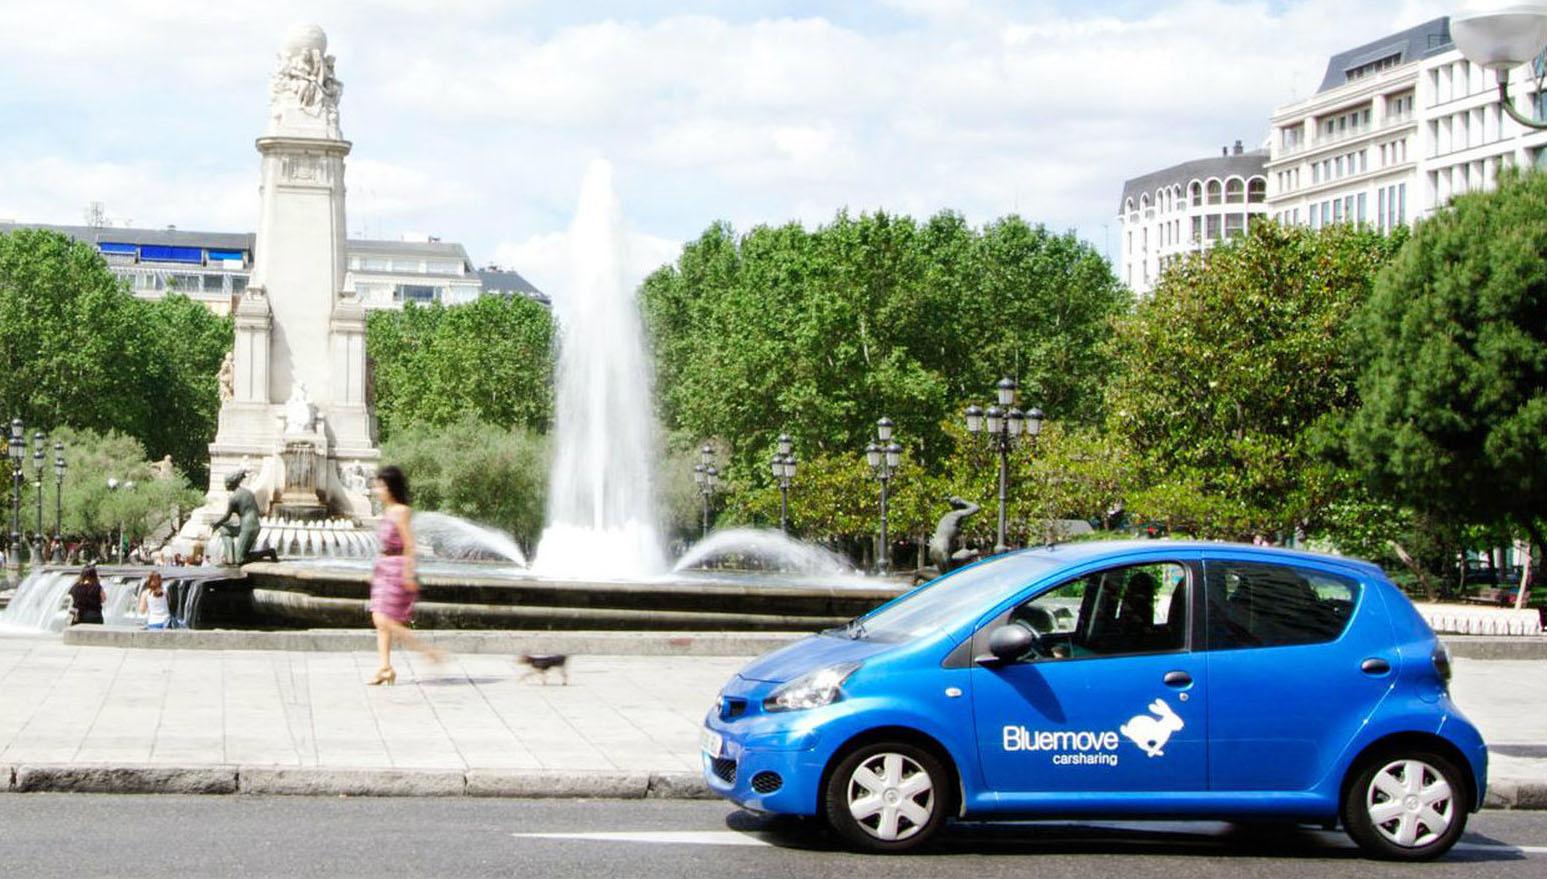 Cómo es el carsharing de Bluemove en Madrid